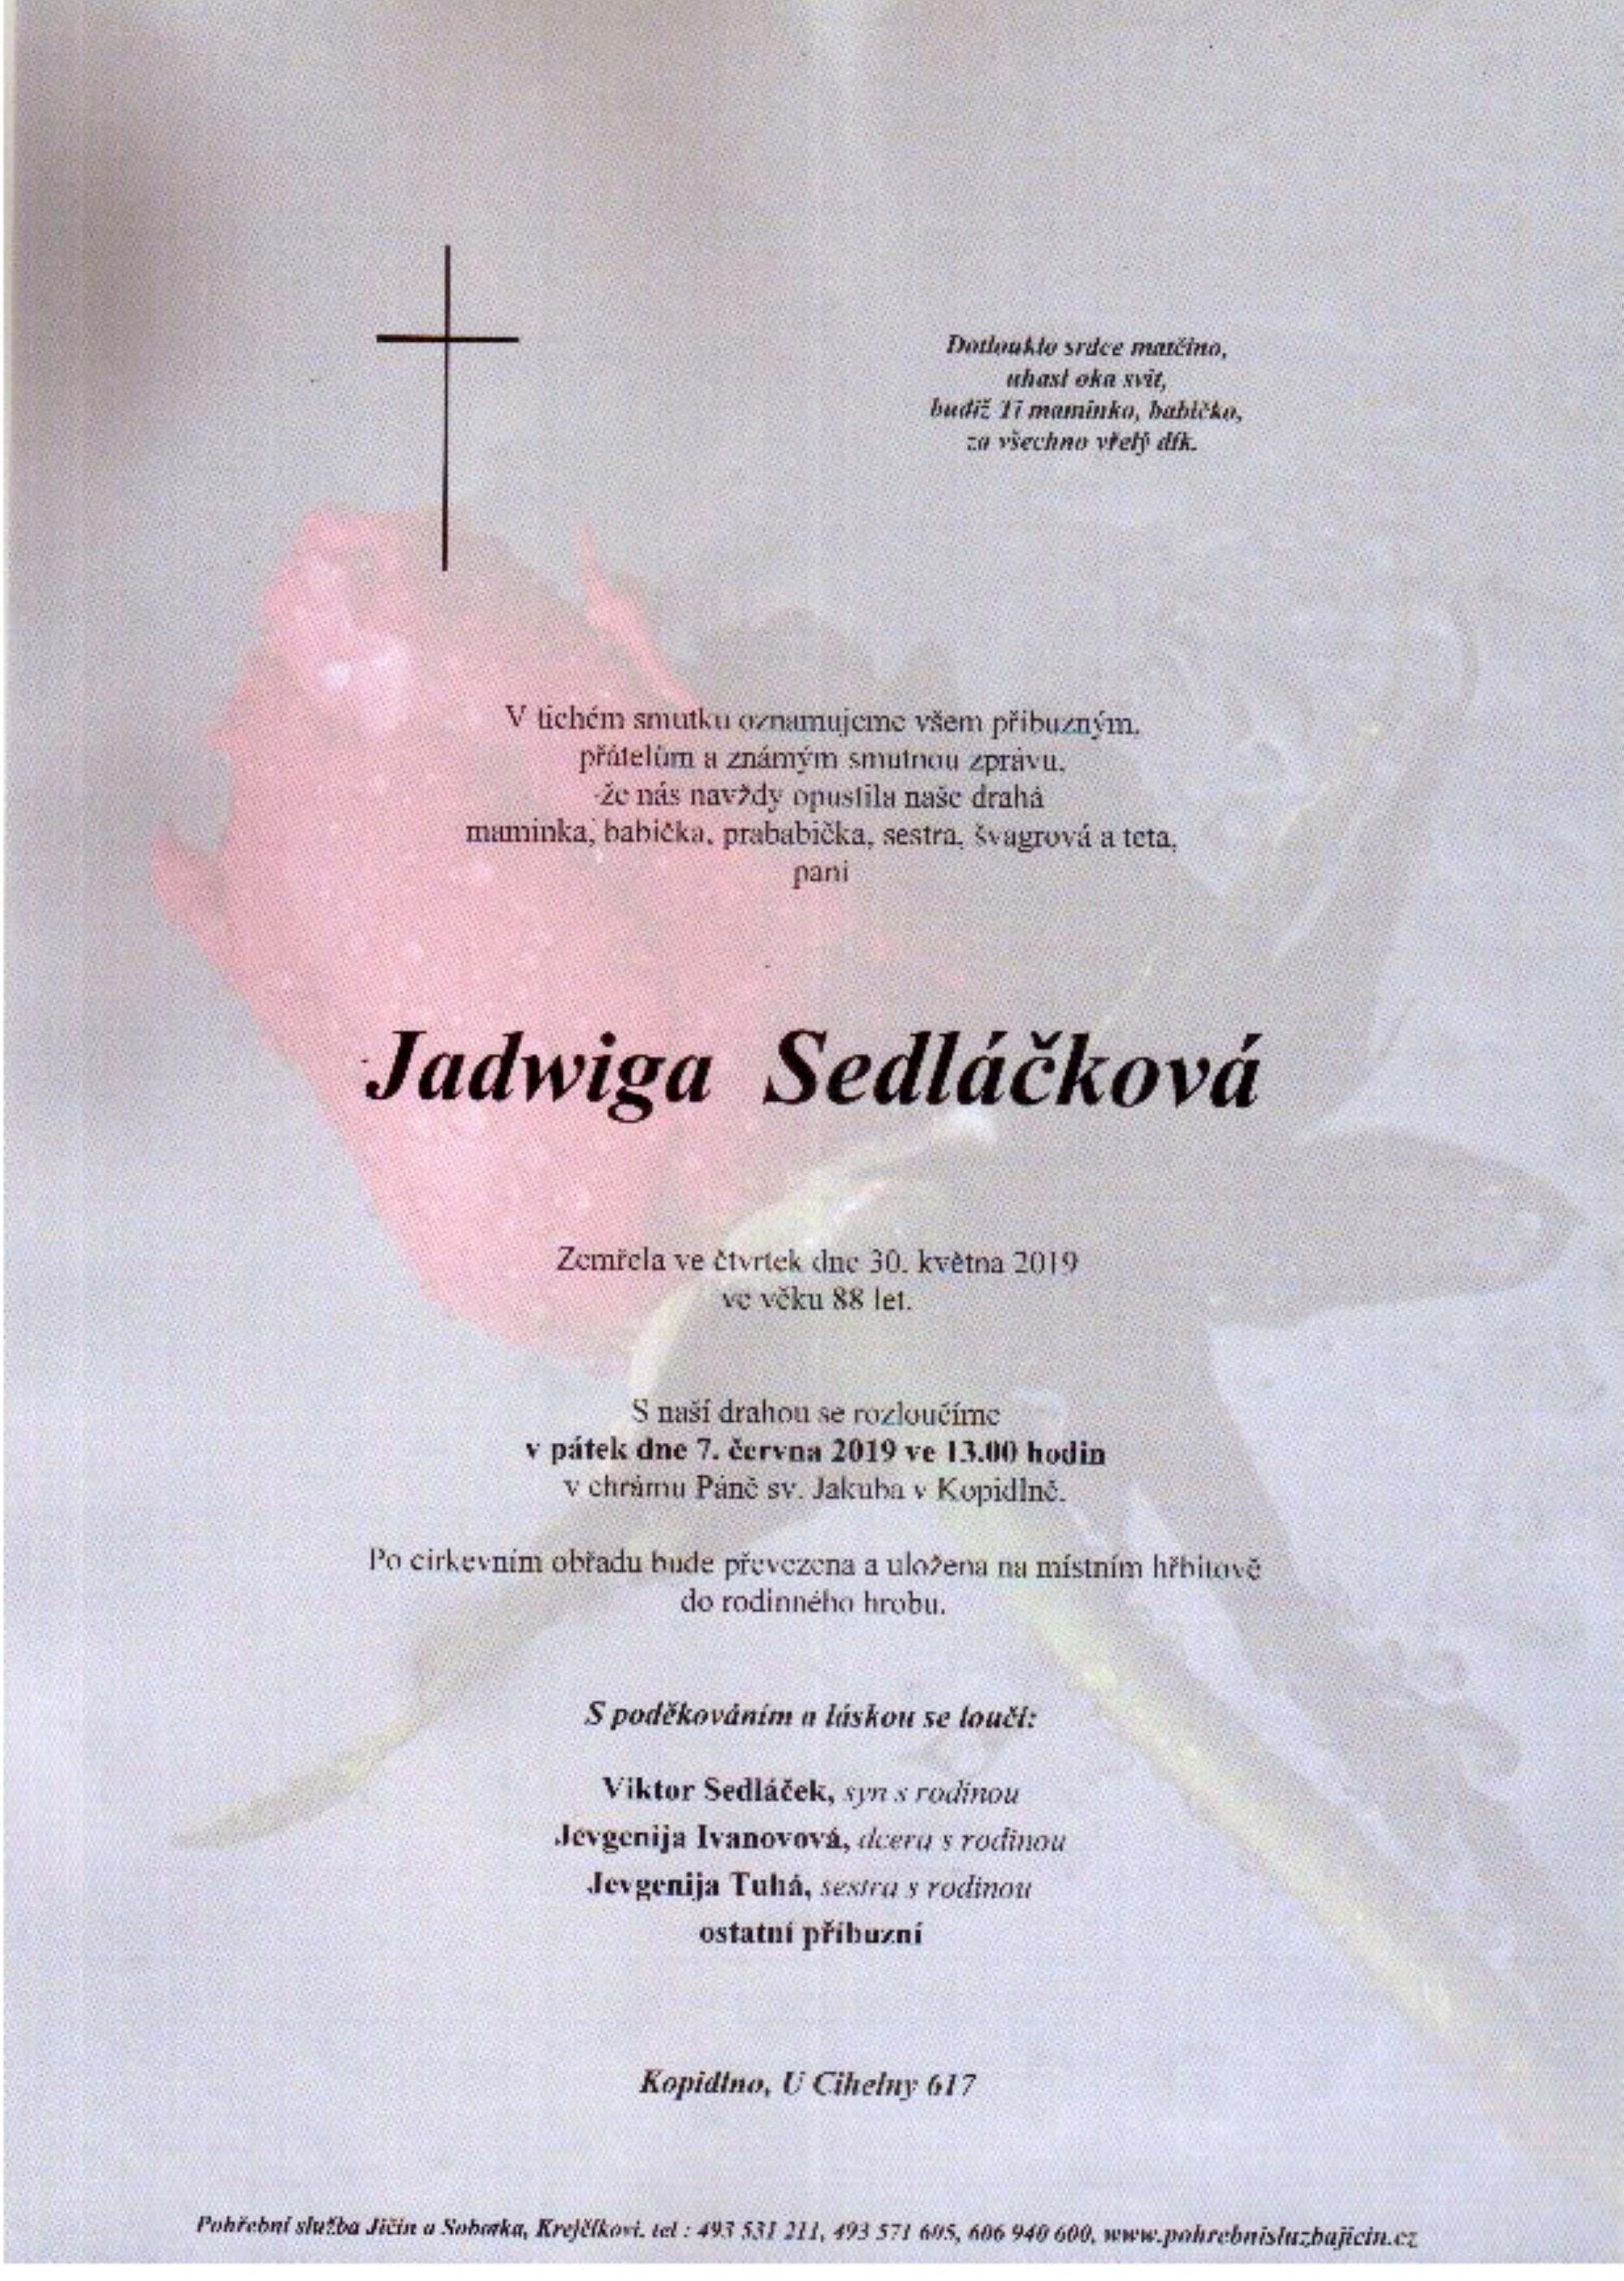 Jadwiga Sedláčková